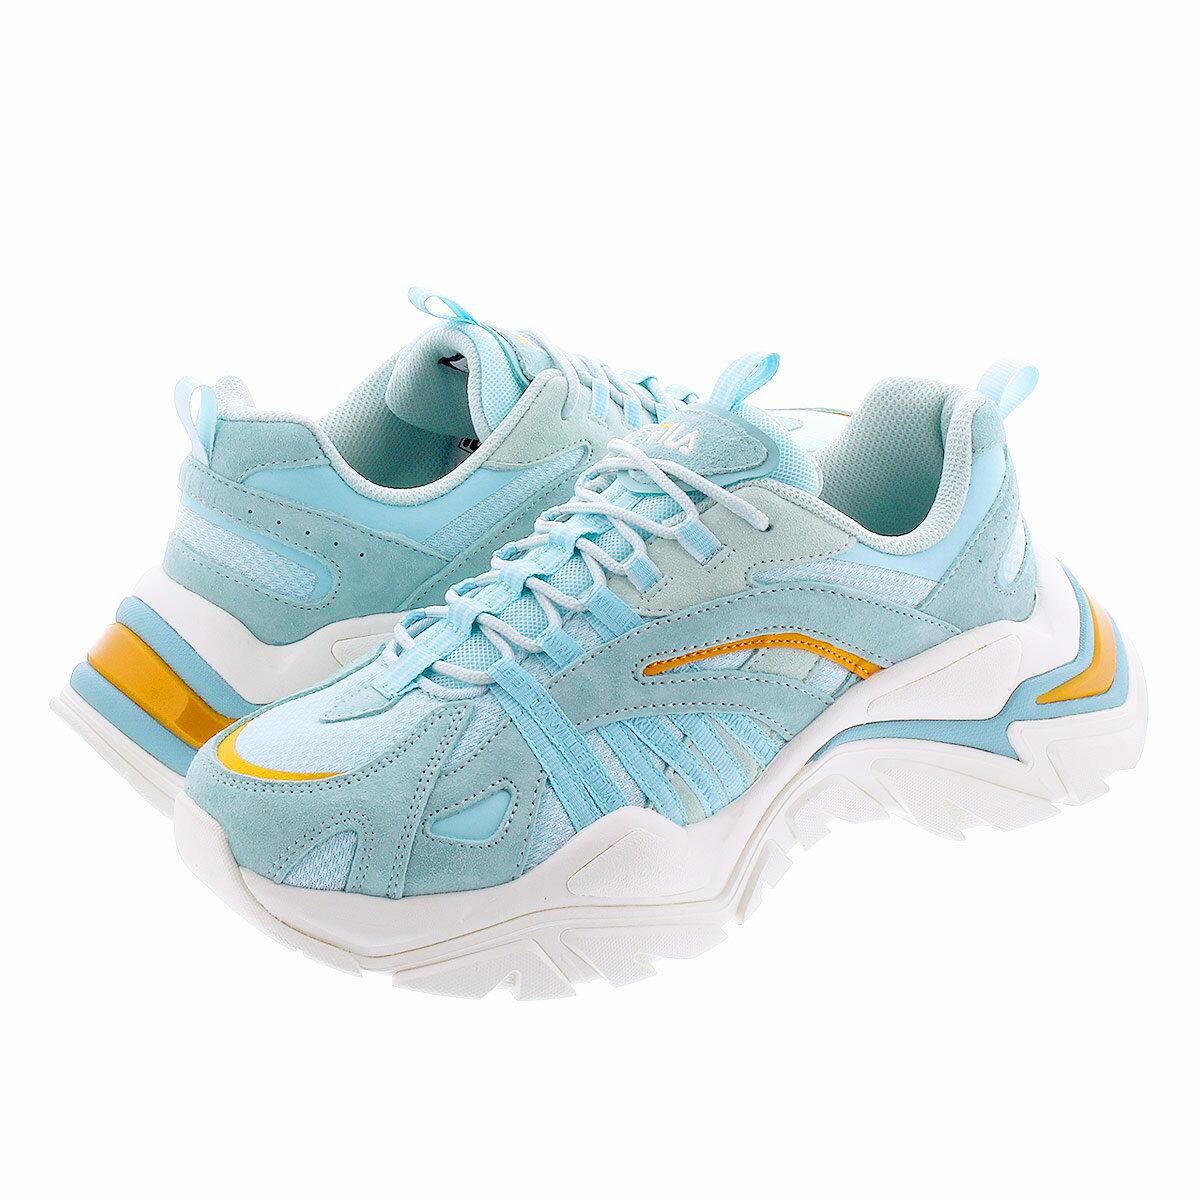 メンズ靴, スニーカー FILA INTERATION x EVANGELION LIMITED WILLE BLUE UFW20011421